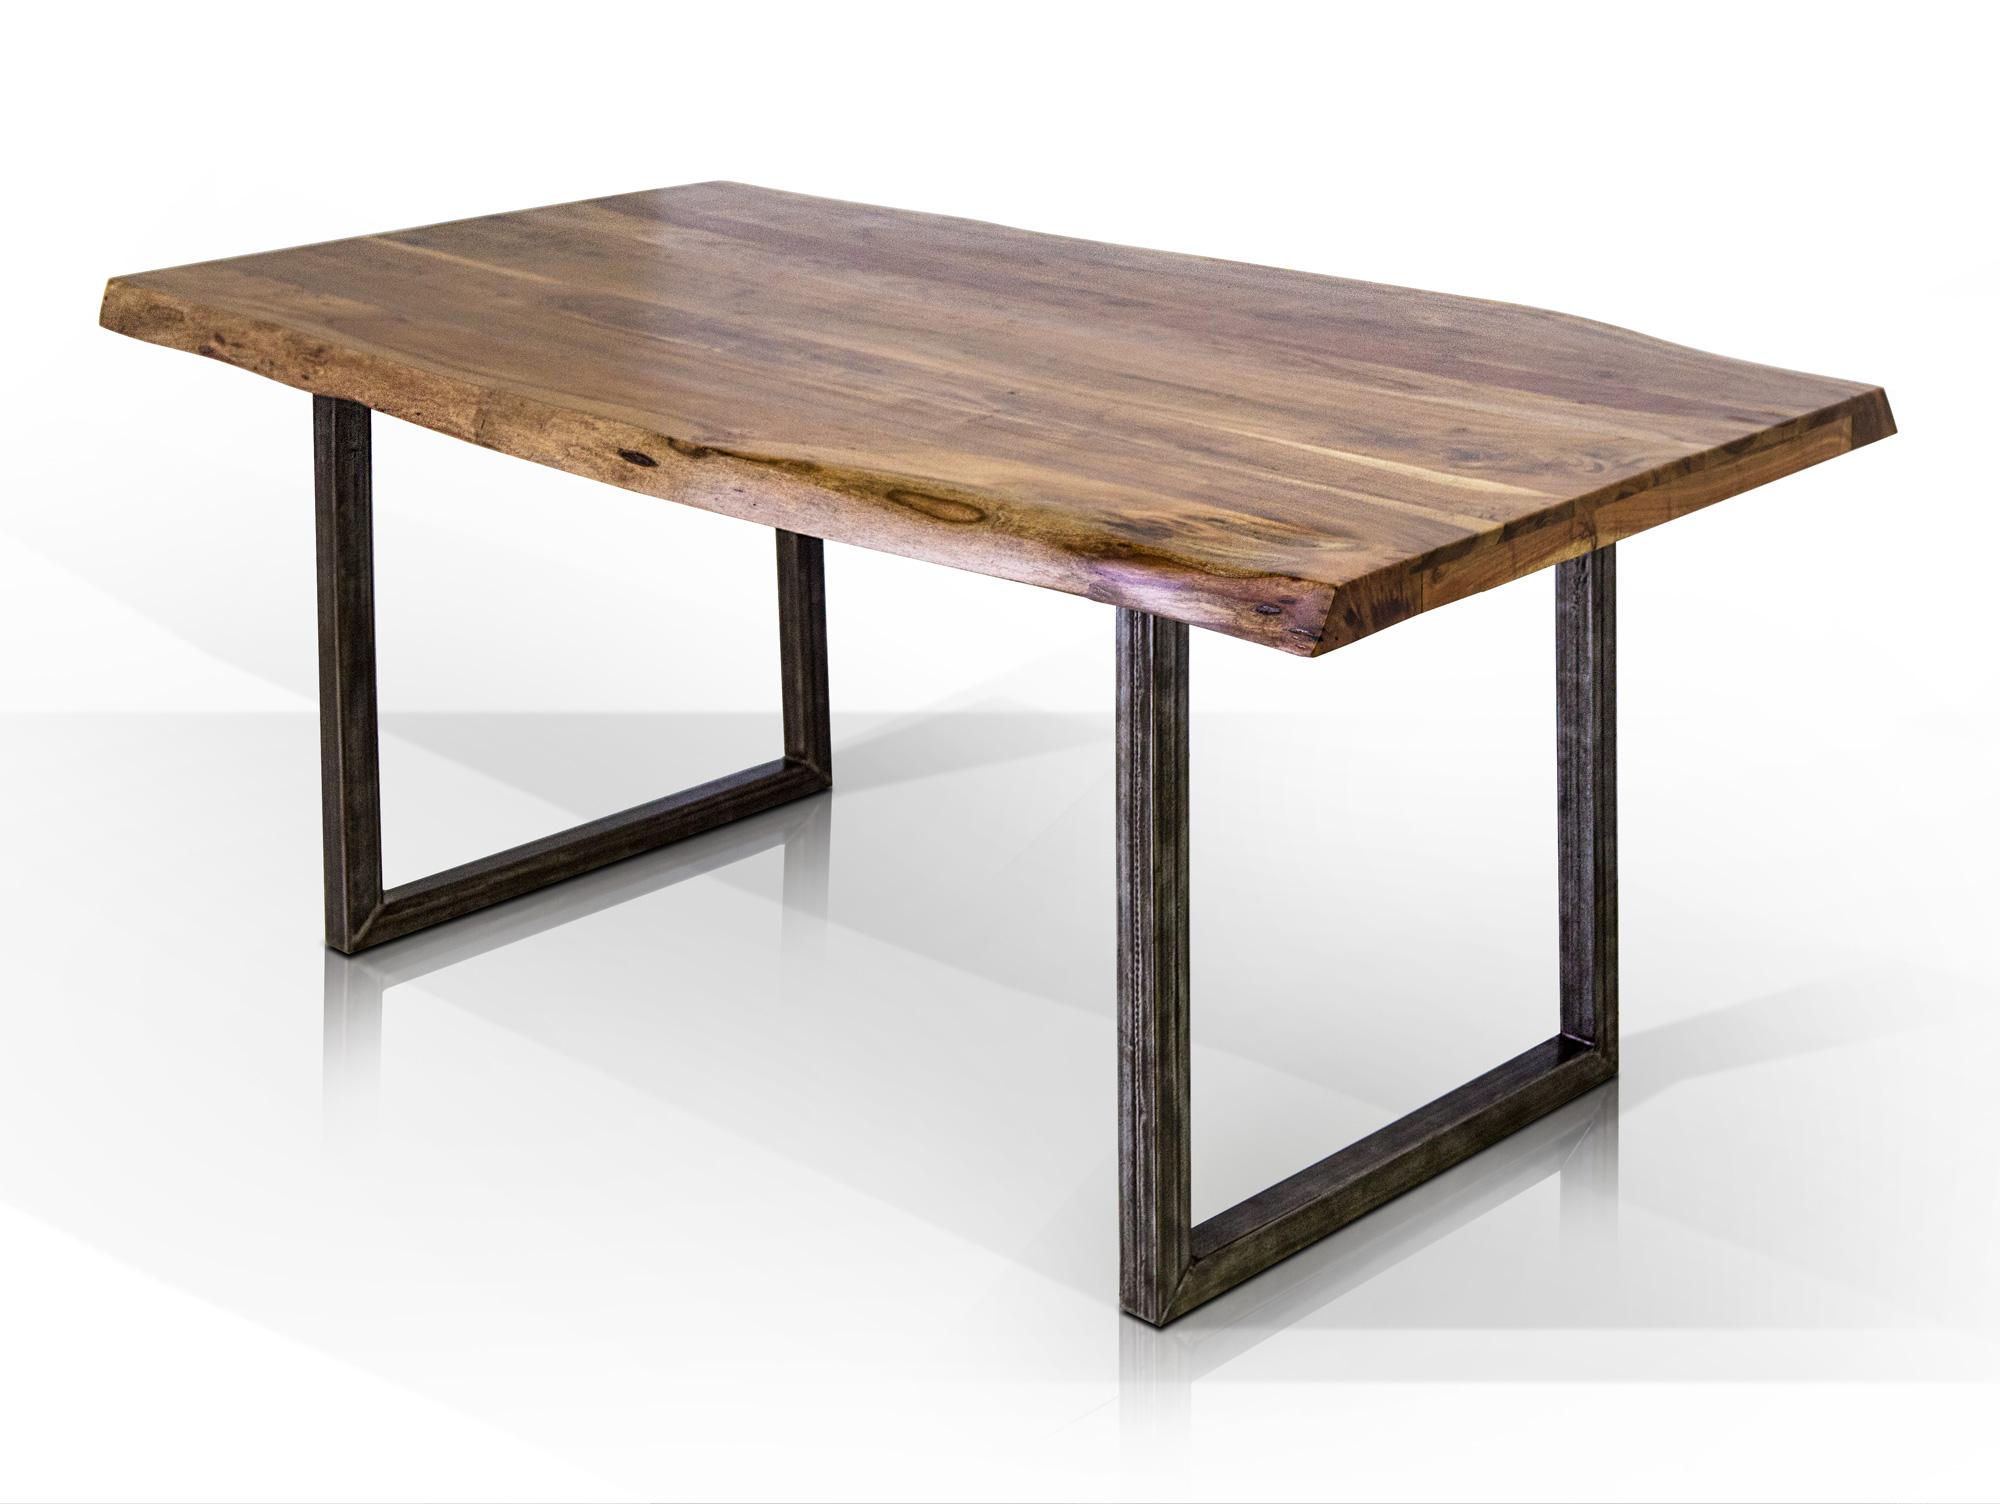 gera esstisch akazie lackiert 180x90 cm. Black Bedroom Furniture Sets. Home Design Ideas